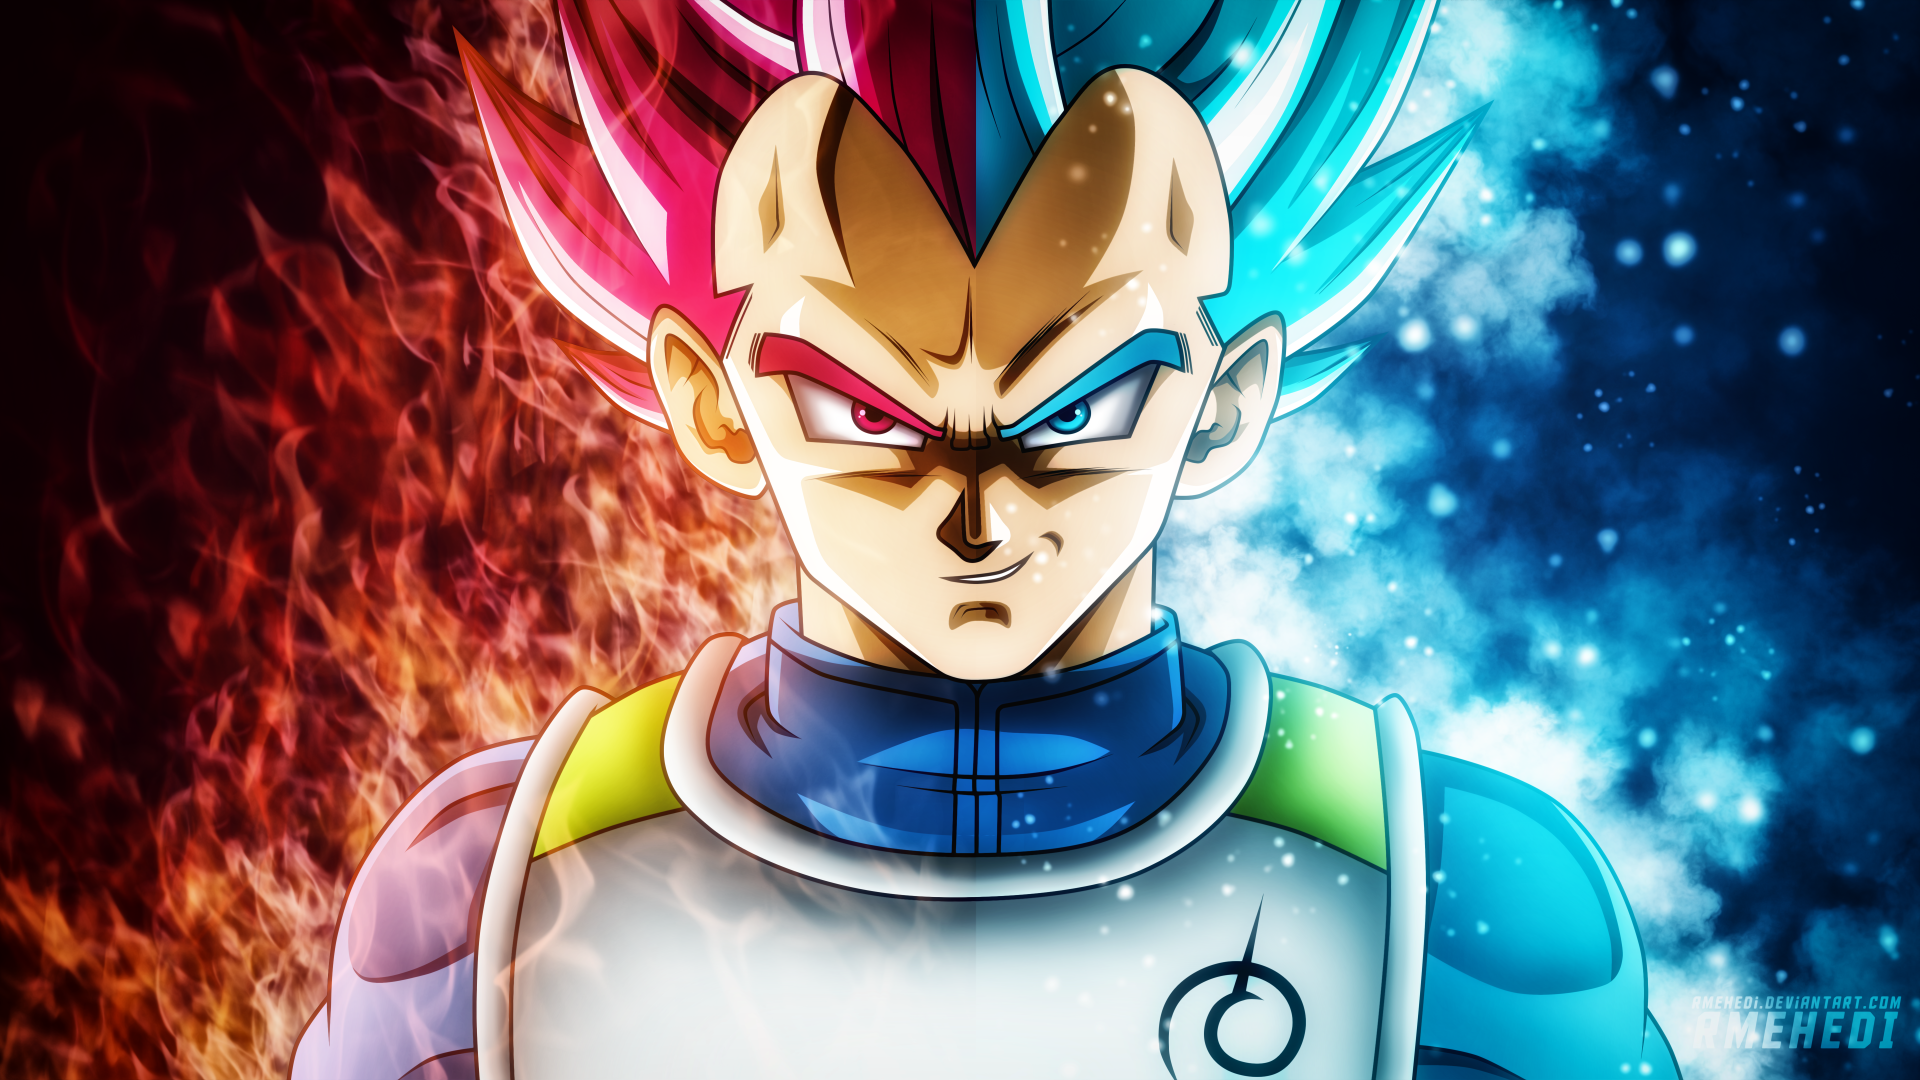 Dragon Ball Super 5k Retina Ultra Fond d'écran HD | Arrière-Plan | 5760x3240 | ID:833326 ...